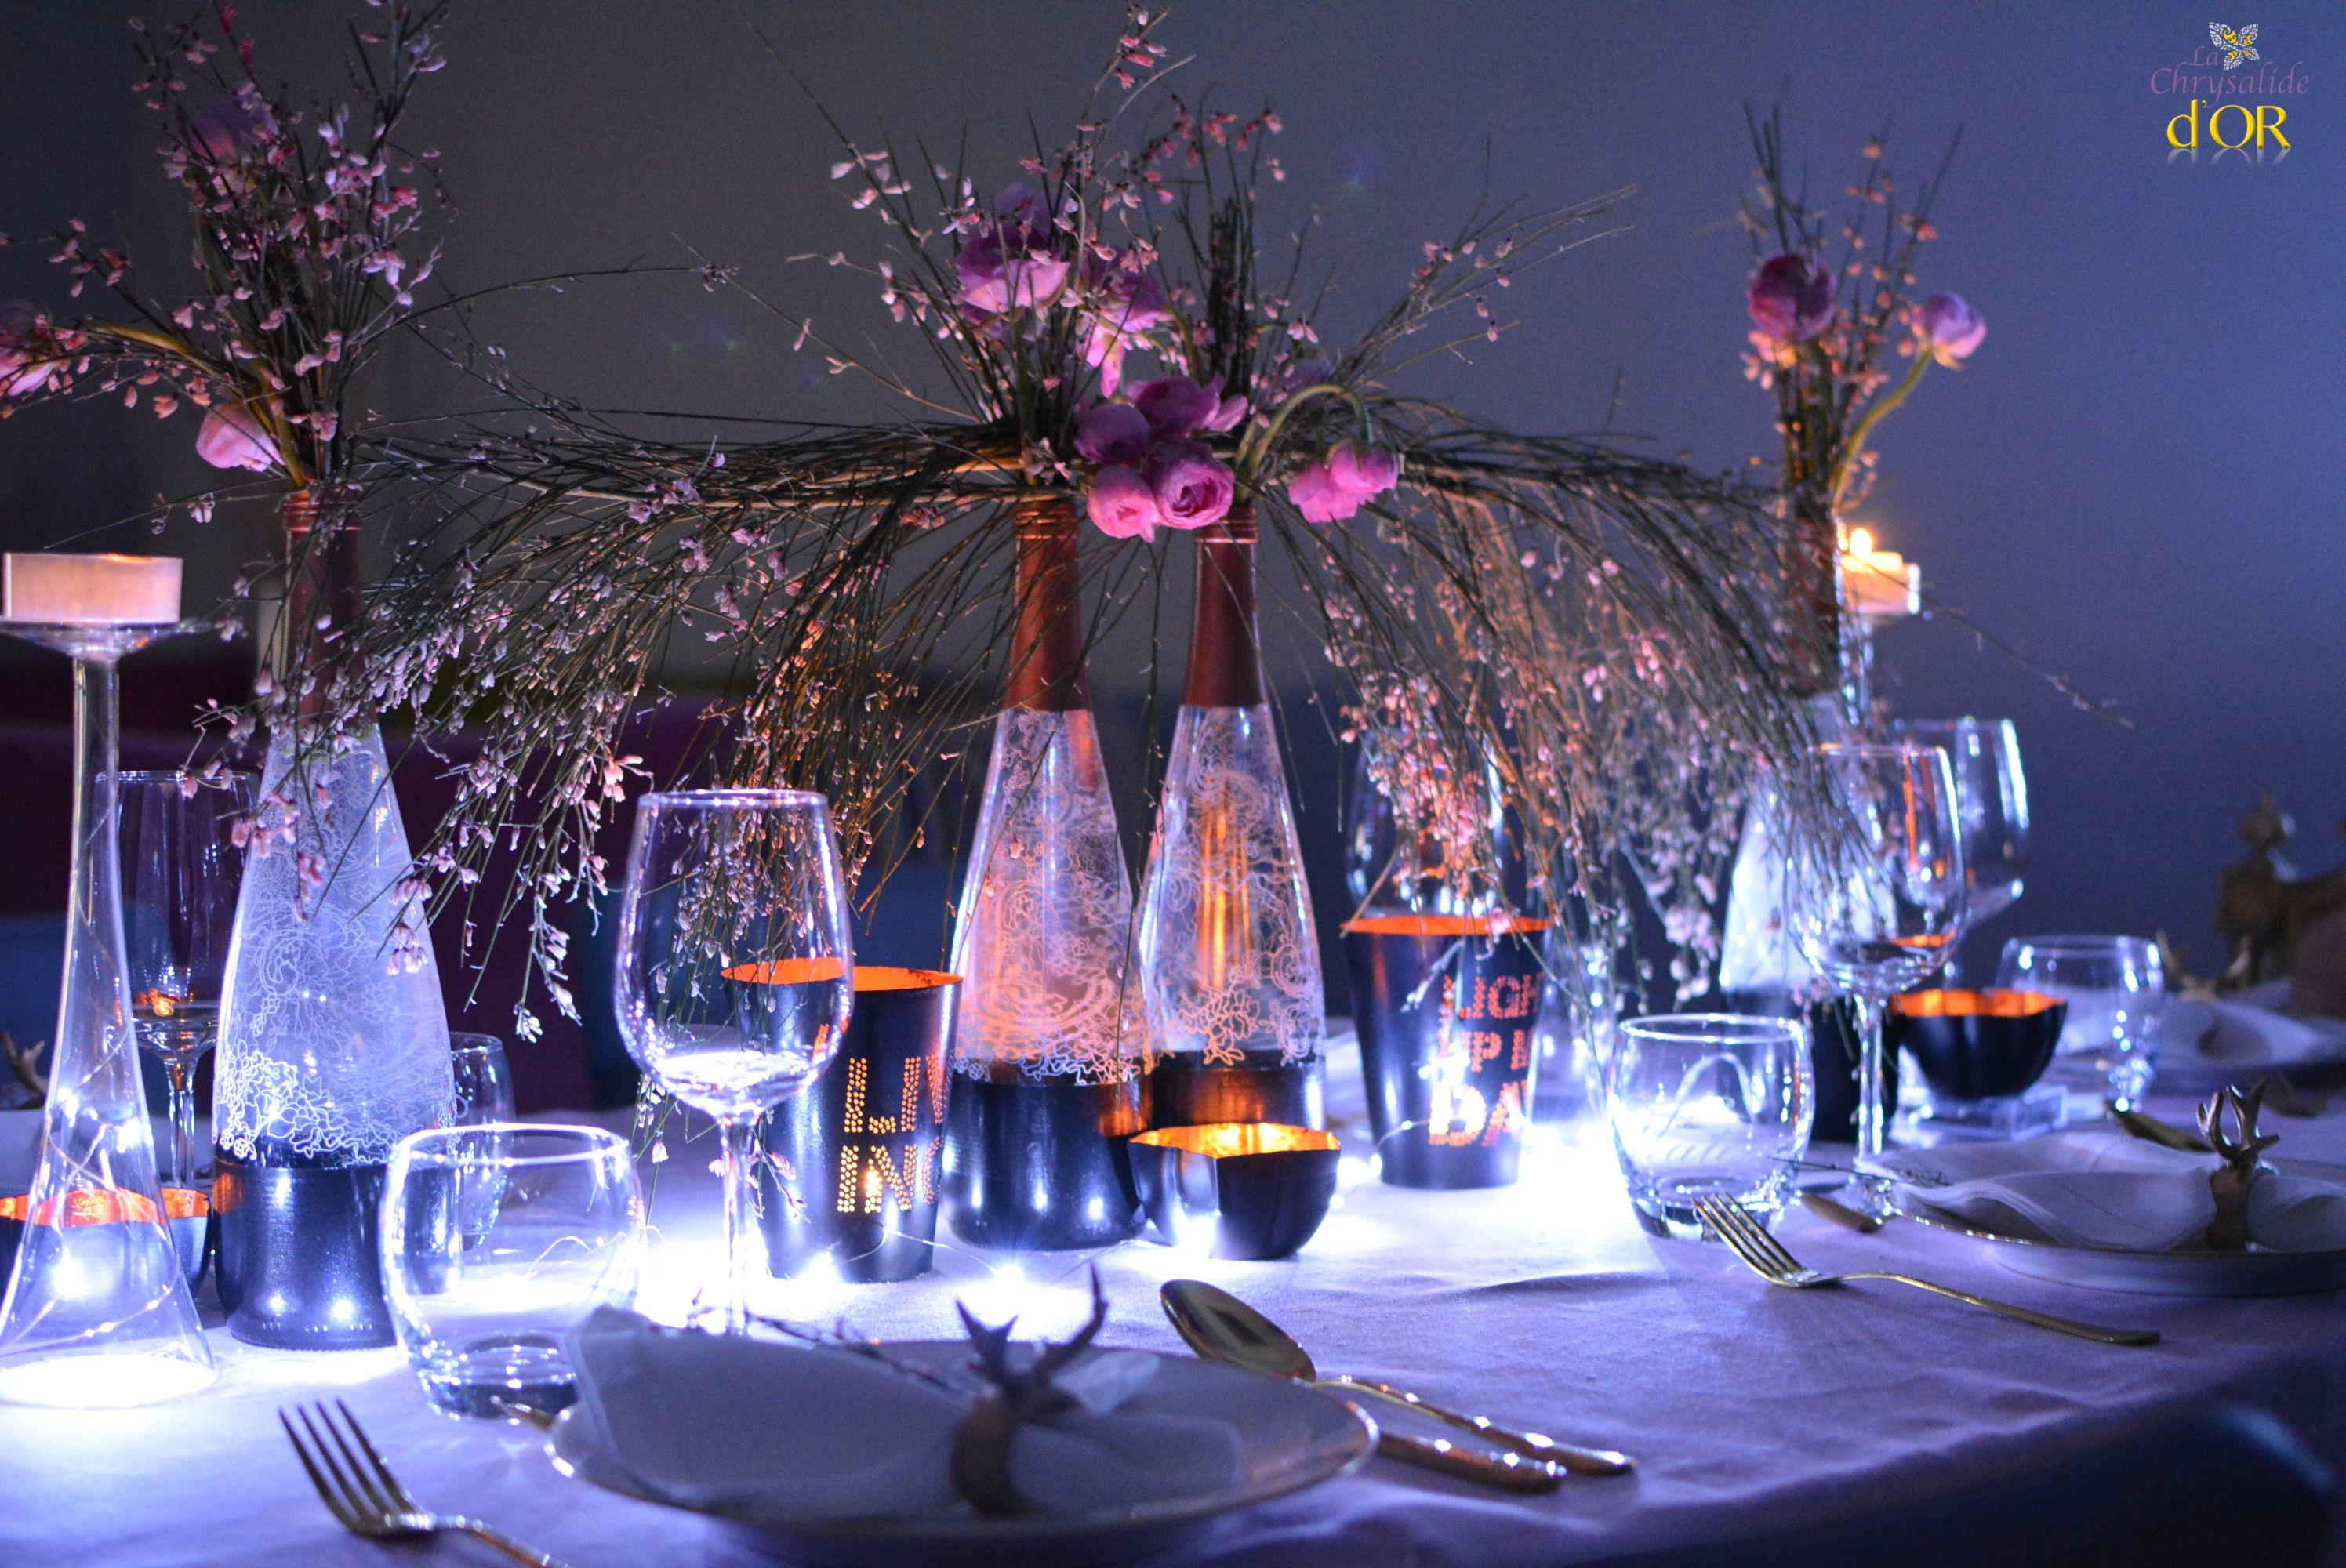 d coration cuivr d coration table de noel cuivr e et noir nappe rose poudr d coration tables. Black Bedroom Furniture Sets. Home Design Ideas